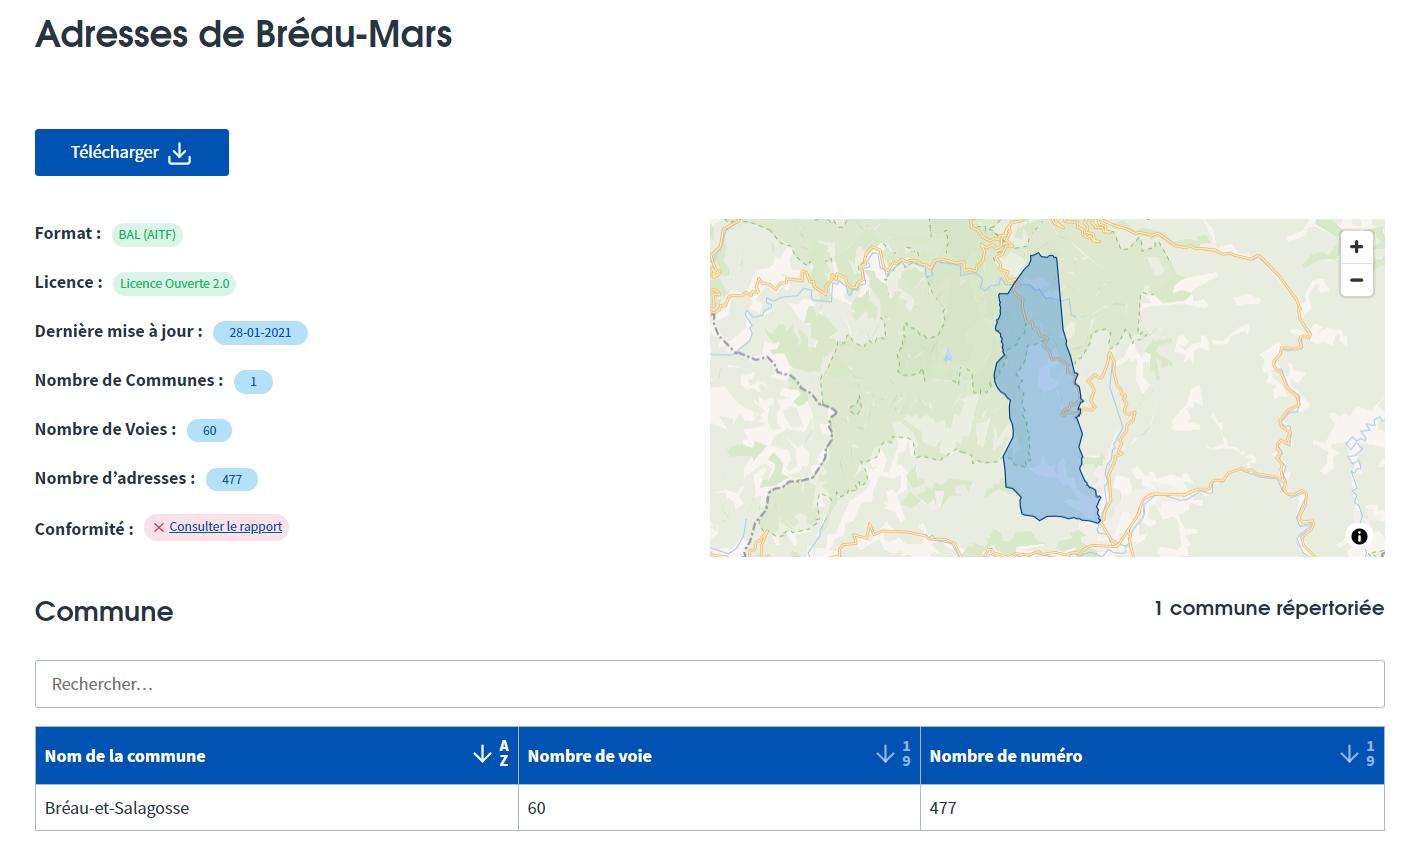 Adresses de Bréau-Mars